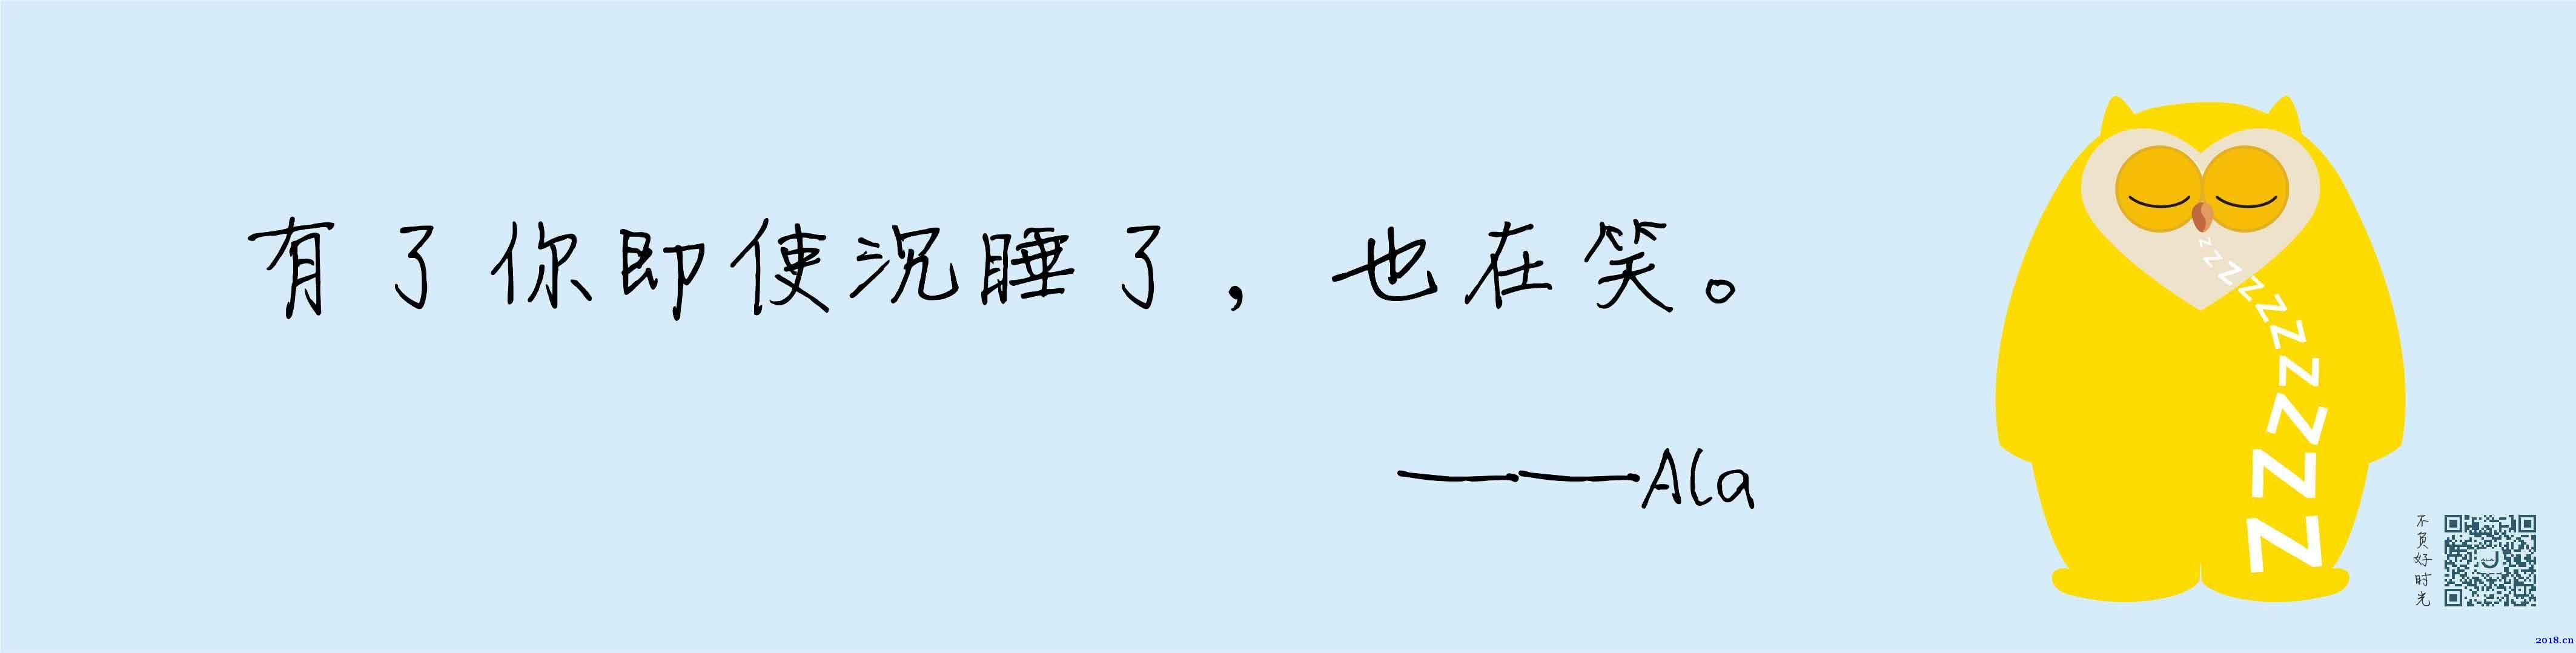 深圳阿拉卓盈酒店全三明地区推广加盟